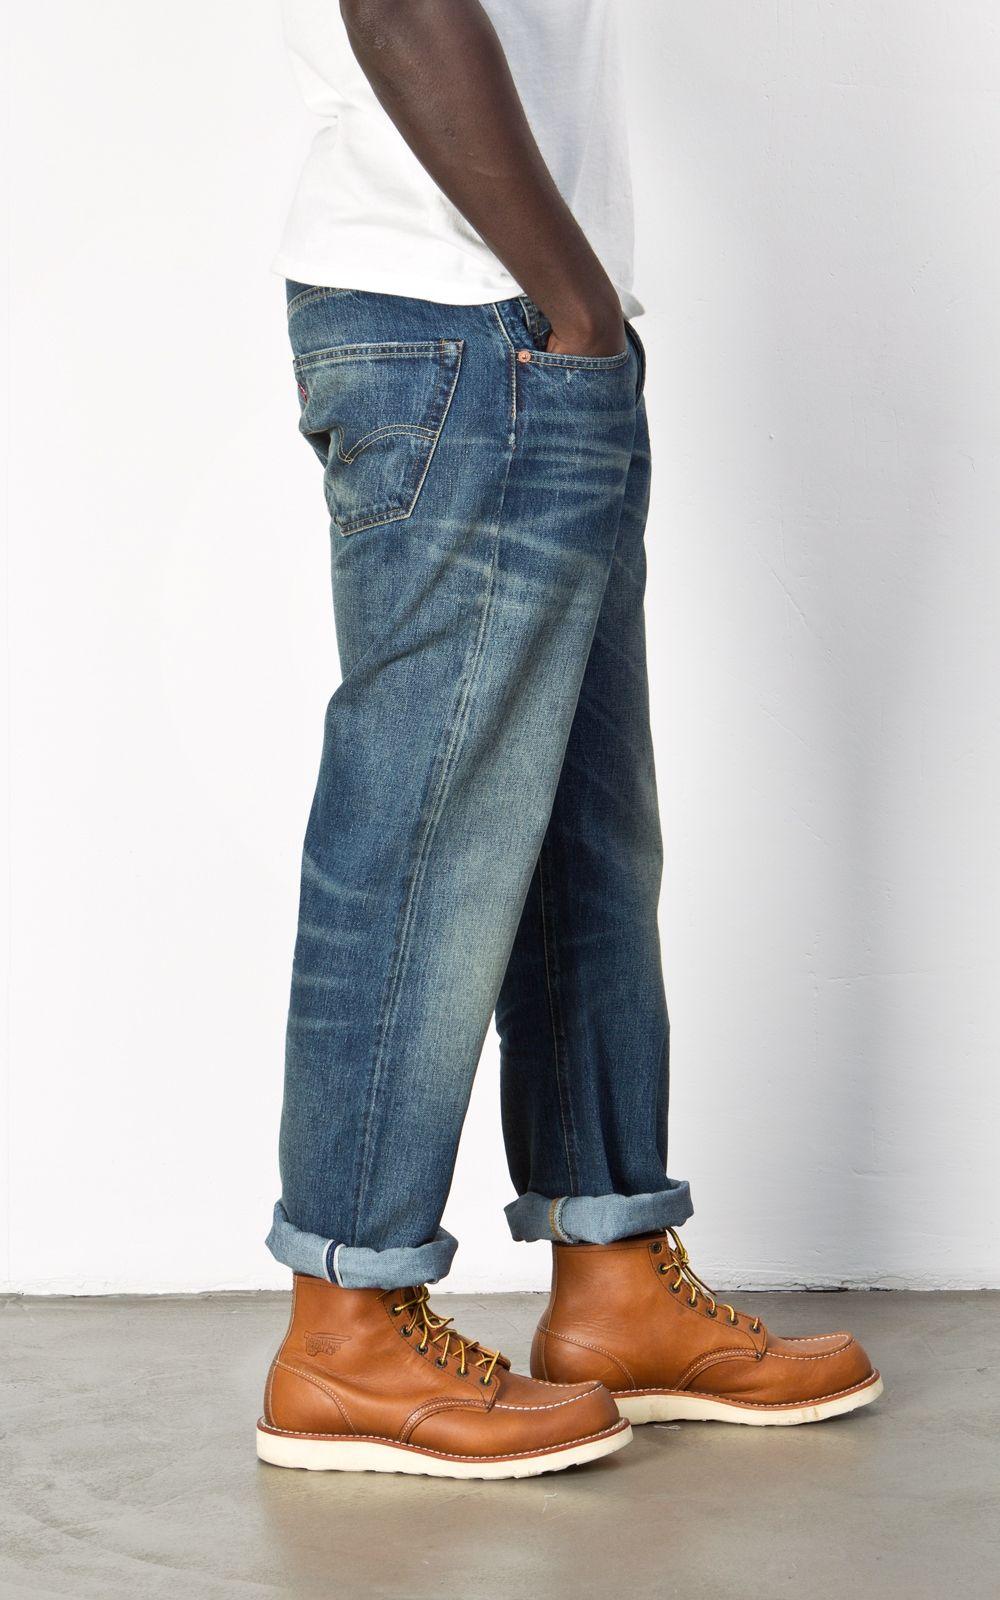 levi 39 s vintage clothing 1955 501 jeans barrel vintage clothing raw denim and red wing moc toe. Black Bedroom Furniture Sets. Home Design Ideas